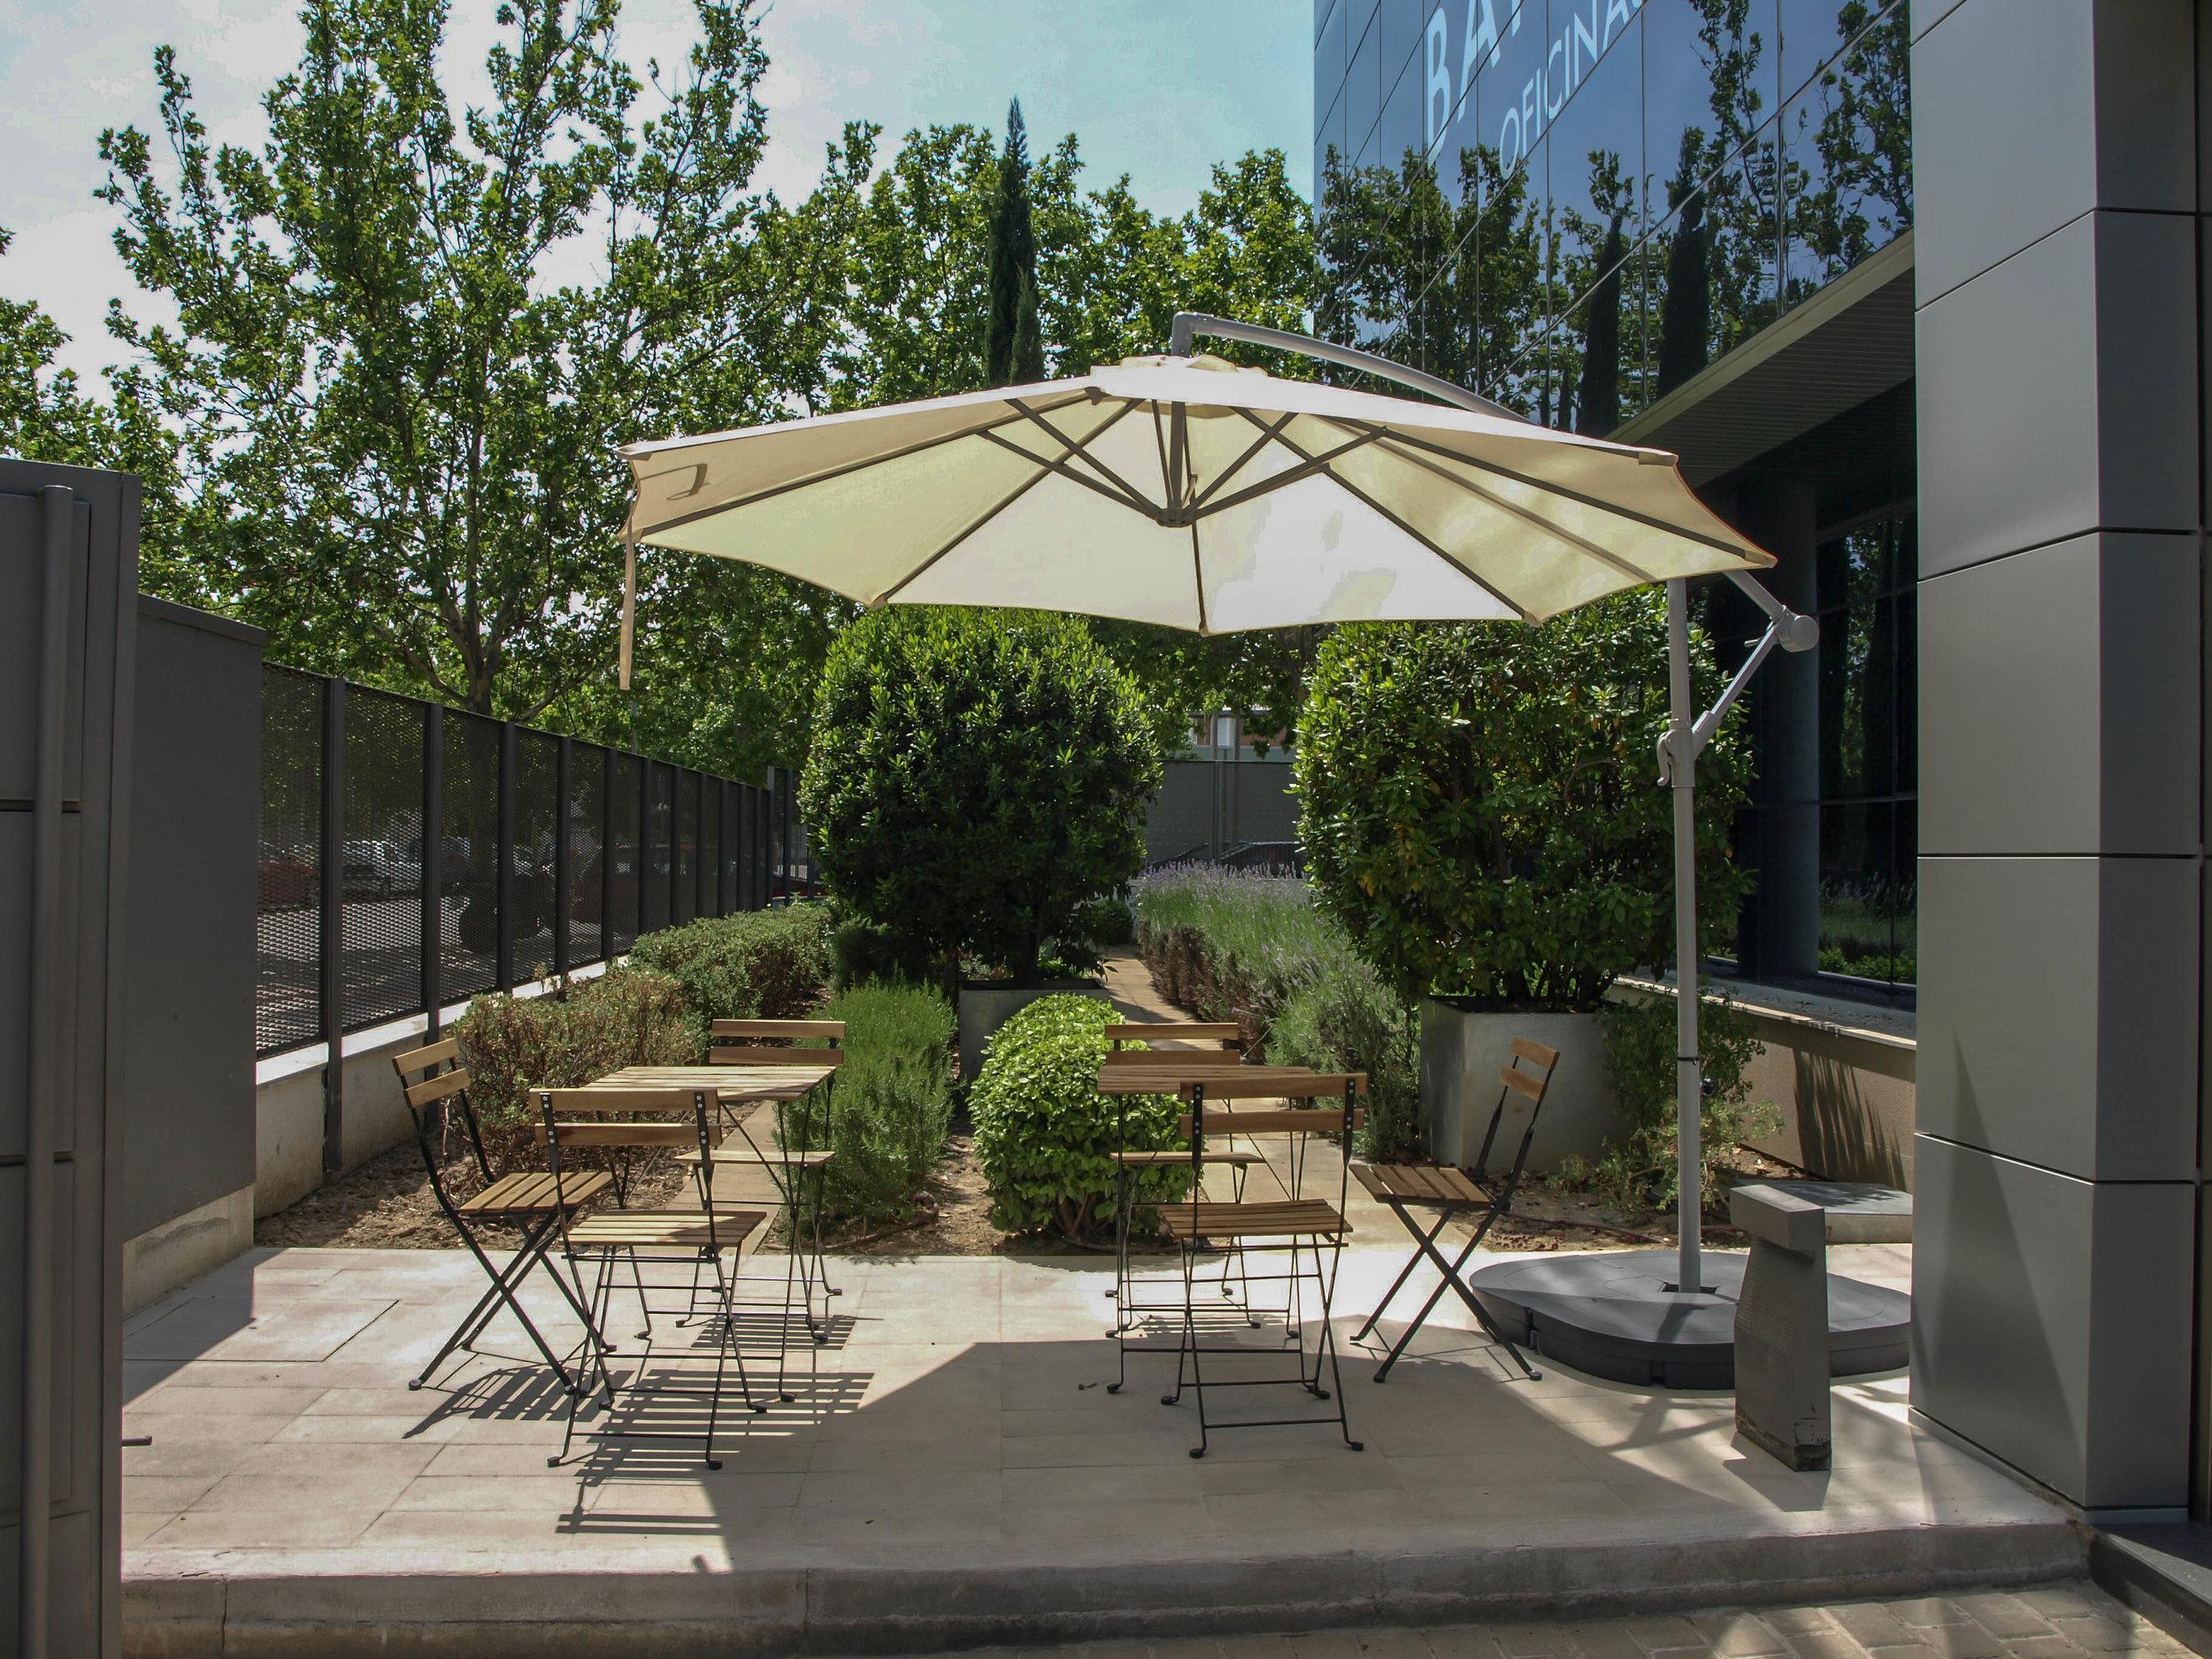 Terraza y jardín - Disfruta de un descanso al aire libre en la terraza de nuestro centro de negocios.Puedes tomar un café, leer o mantener una reunión informal en la zona ajardinada.Ver galería >